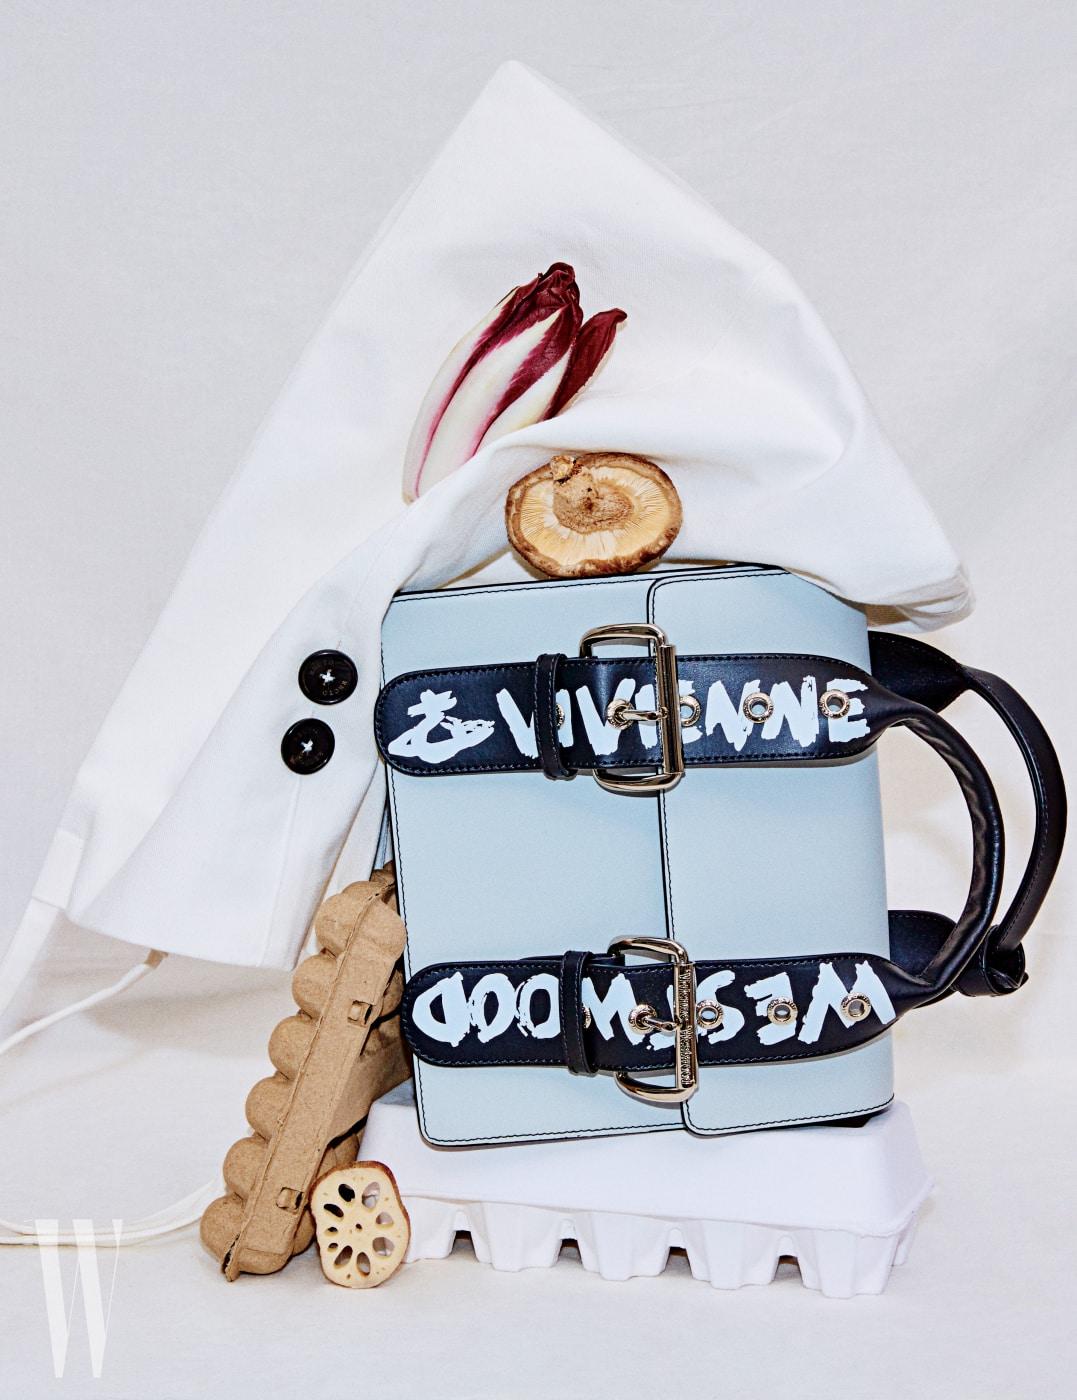 두툼한 버클 장식과 생동감 넘치는 로고 글씨가 특징인 소가죽 소재의 한국 가방은 한국에서만 출시되는 리미티드 제품으로, 비비안 웨스트우드 제품. 1백18만원.